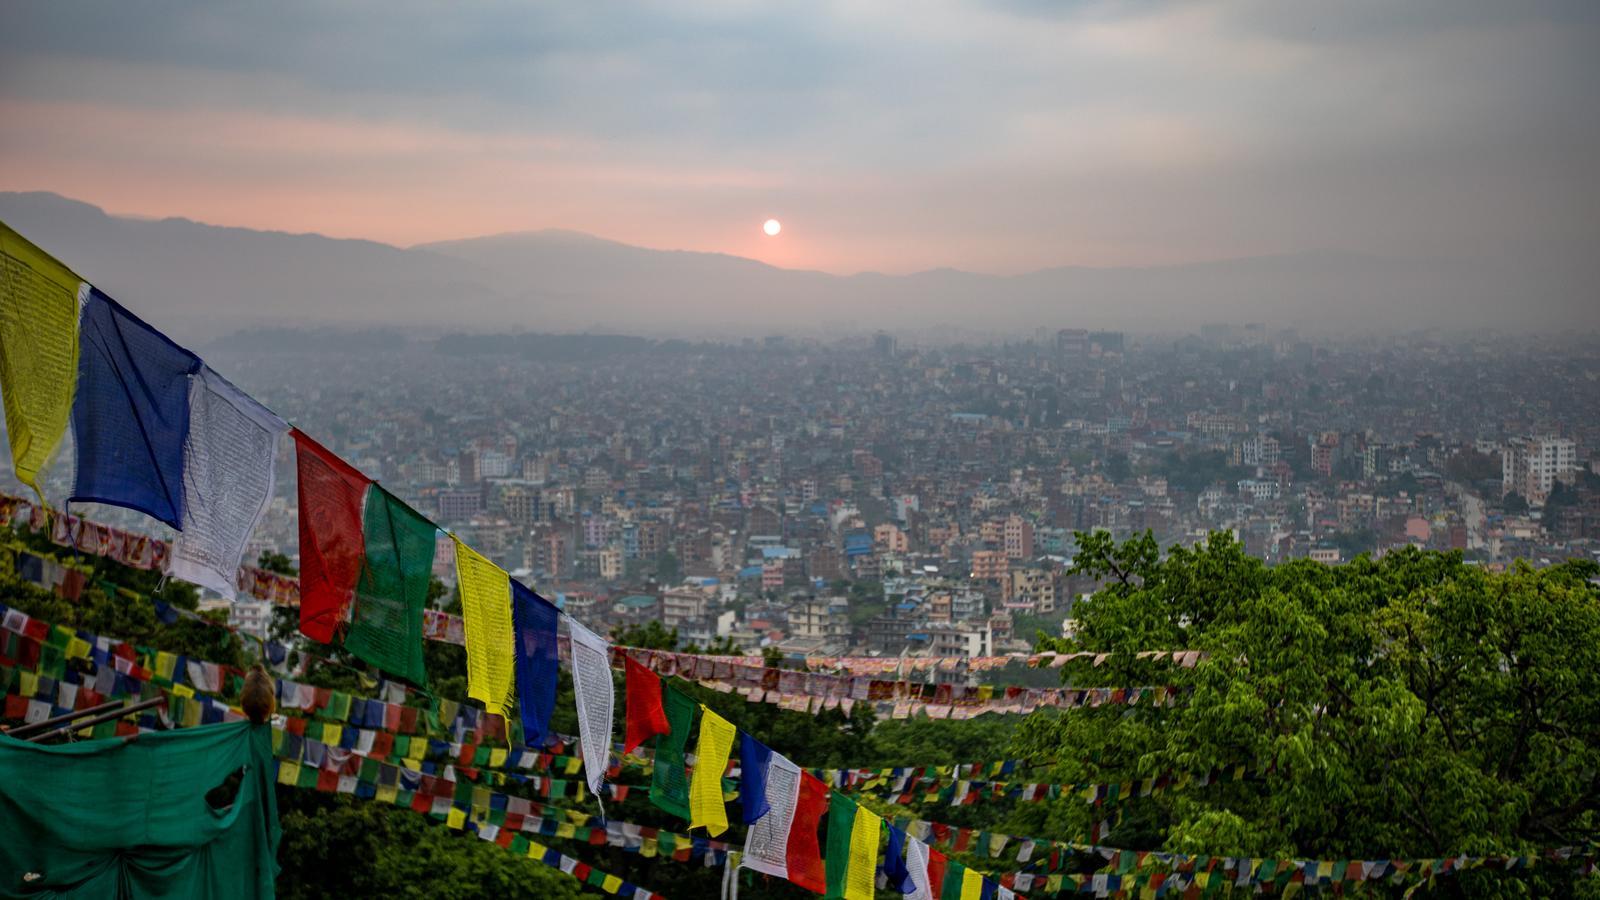 महानगर काठमाडौंले तोक्यो जग्गाको नयाँ मूल्य, कुन क्षेत्रको मूल्य कति ? (सूचिसहित)